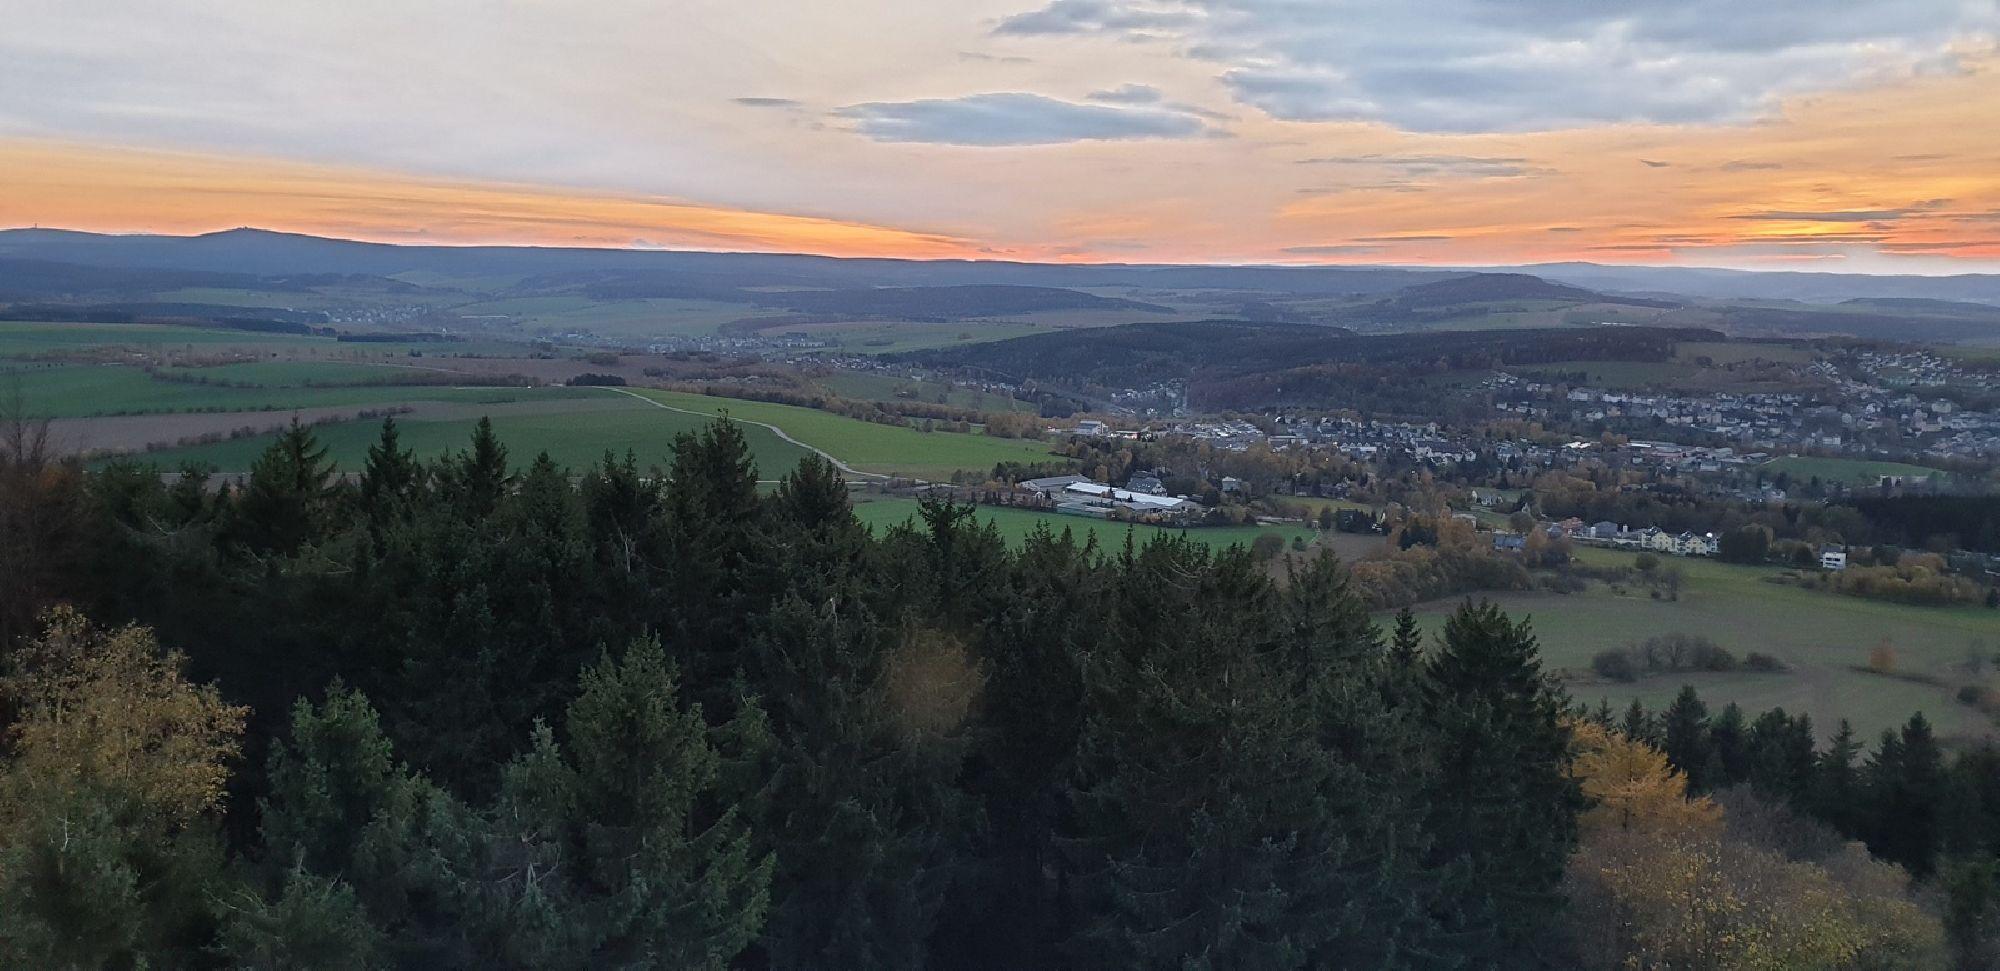 Blick vom Aussichtsturm Pöhlberg